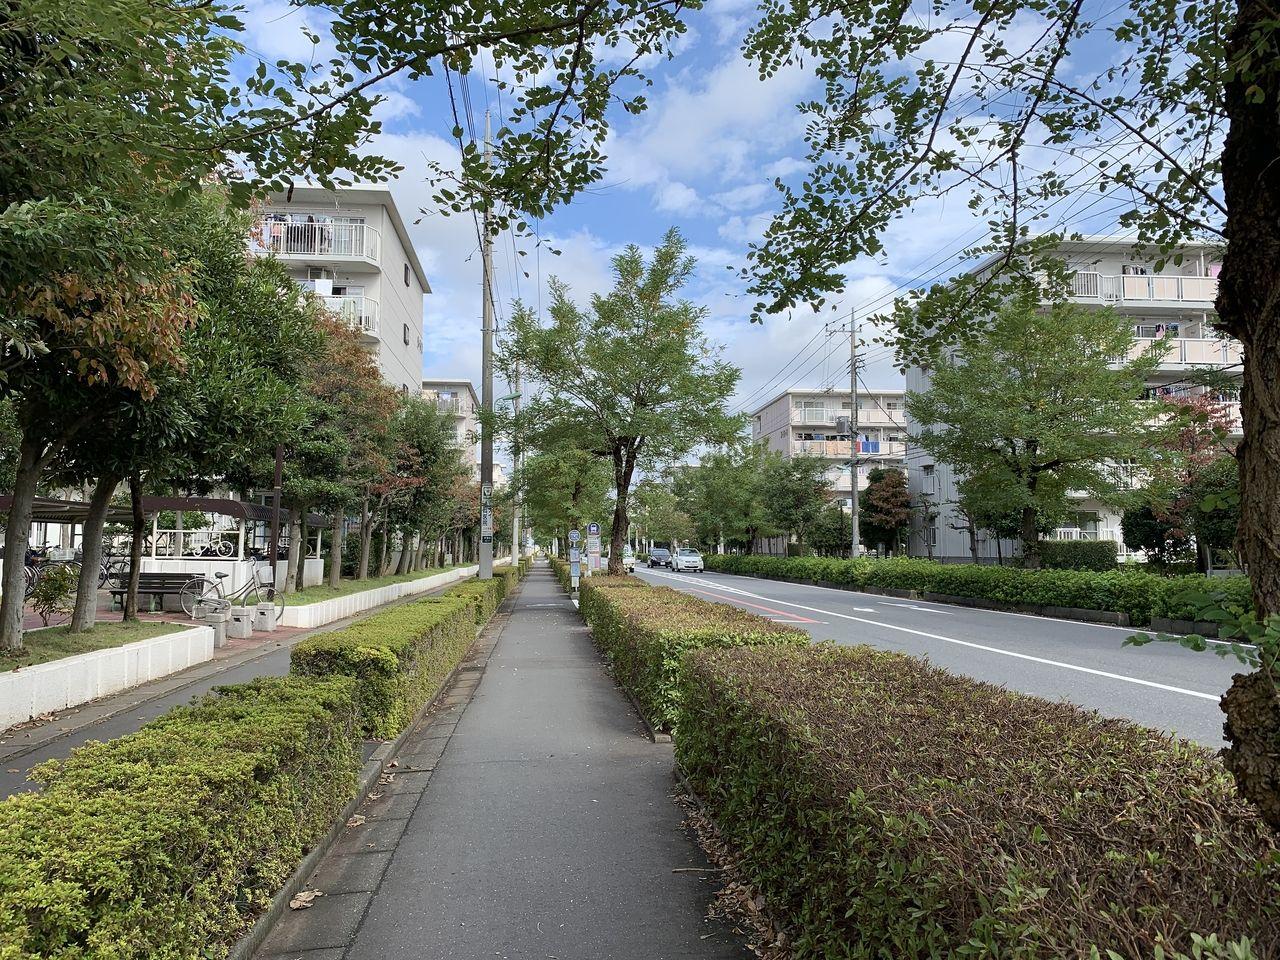 三郷駅から早稲田団地までは、駅前通り一本で徒歩圏です。